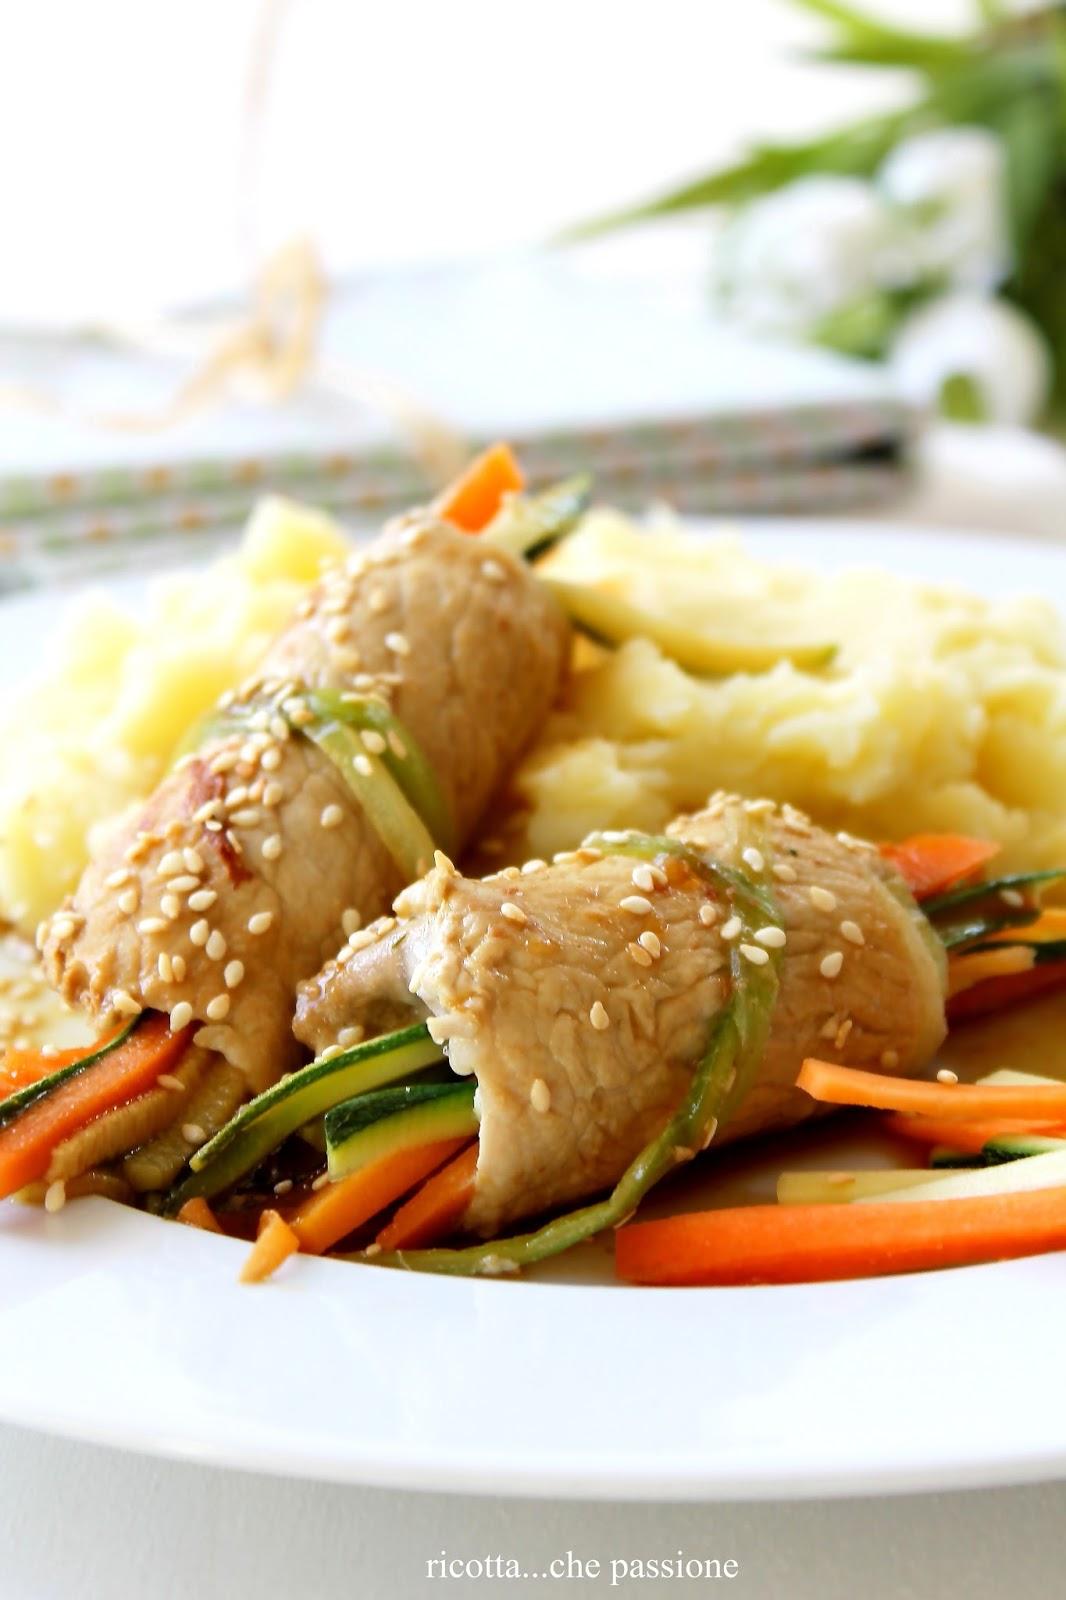 involtini di carne con verdure croccanti